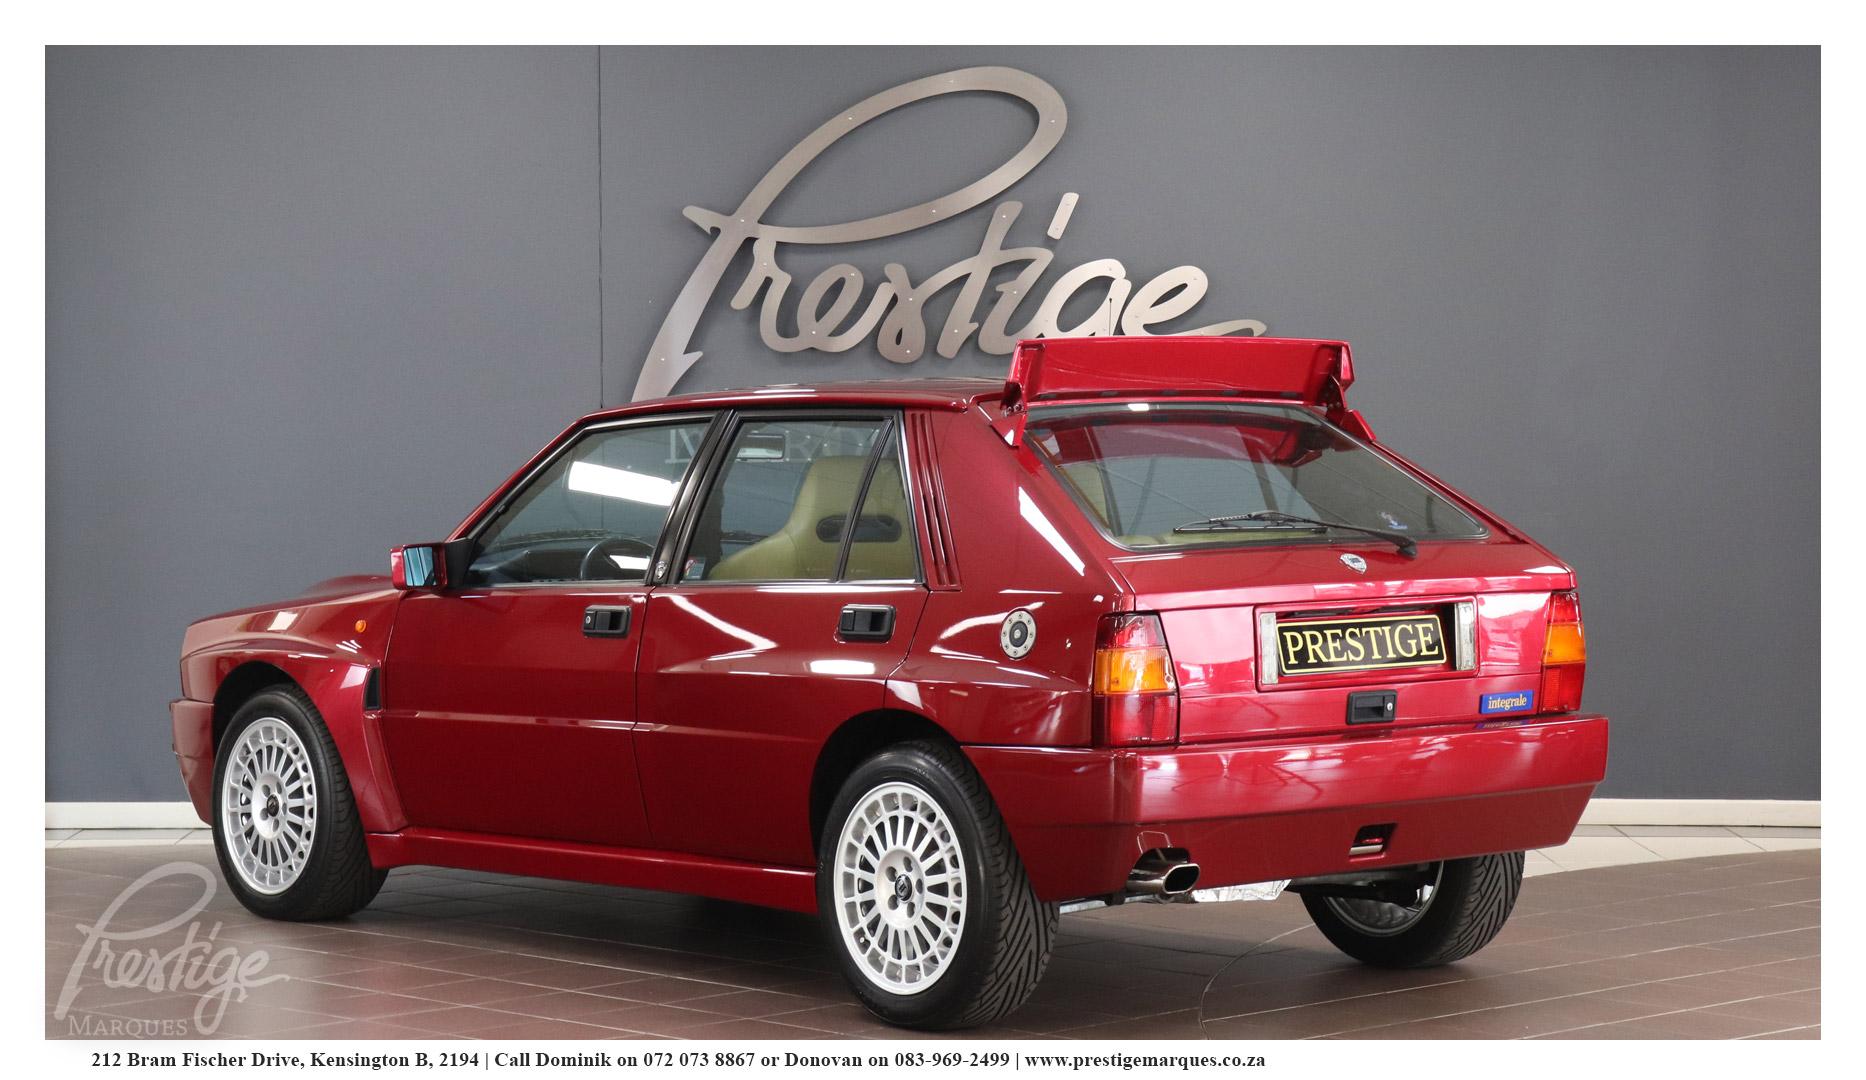 1995-Lancia-Delta-Integrale-Evo-2-Dealer-Collection-Prestige-Marques-Sandton-5